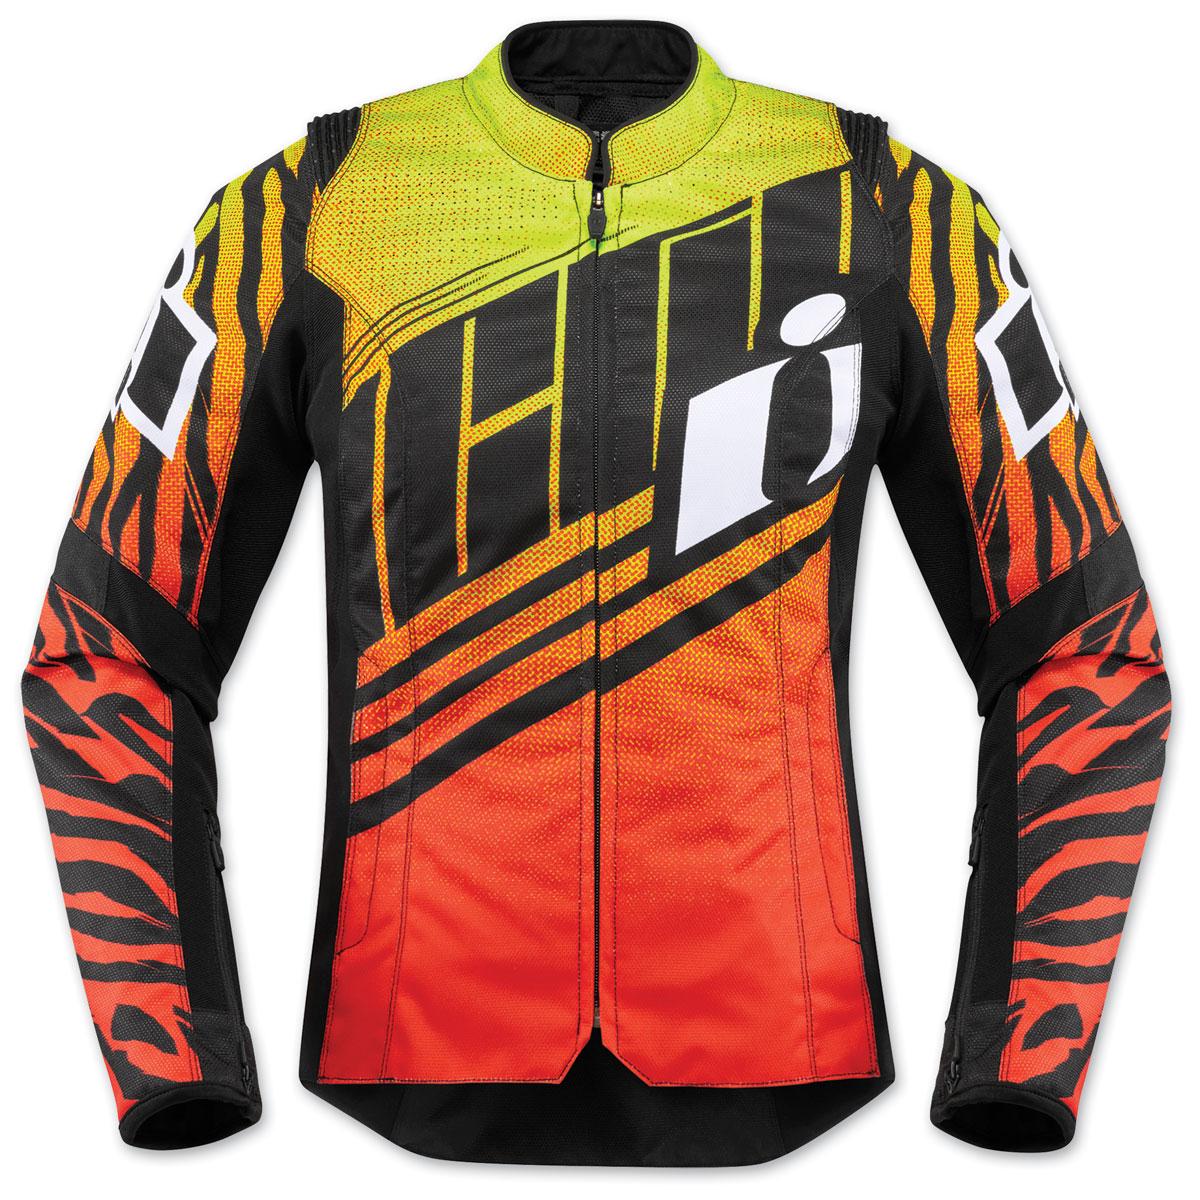 ICON Women's Overlord SB2 Wild Child Orange Textile Jacket